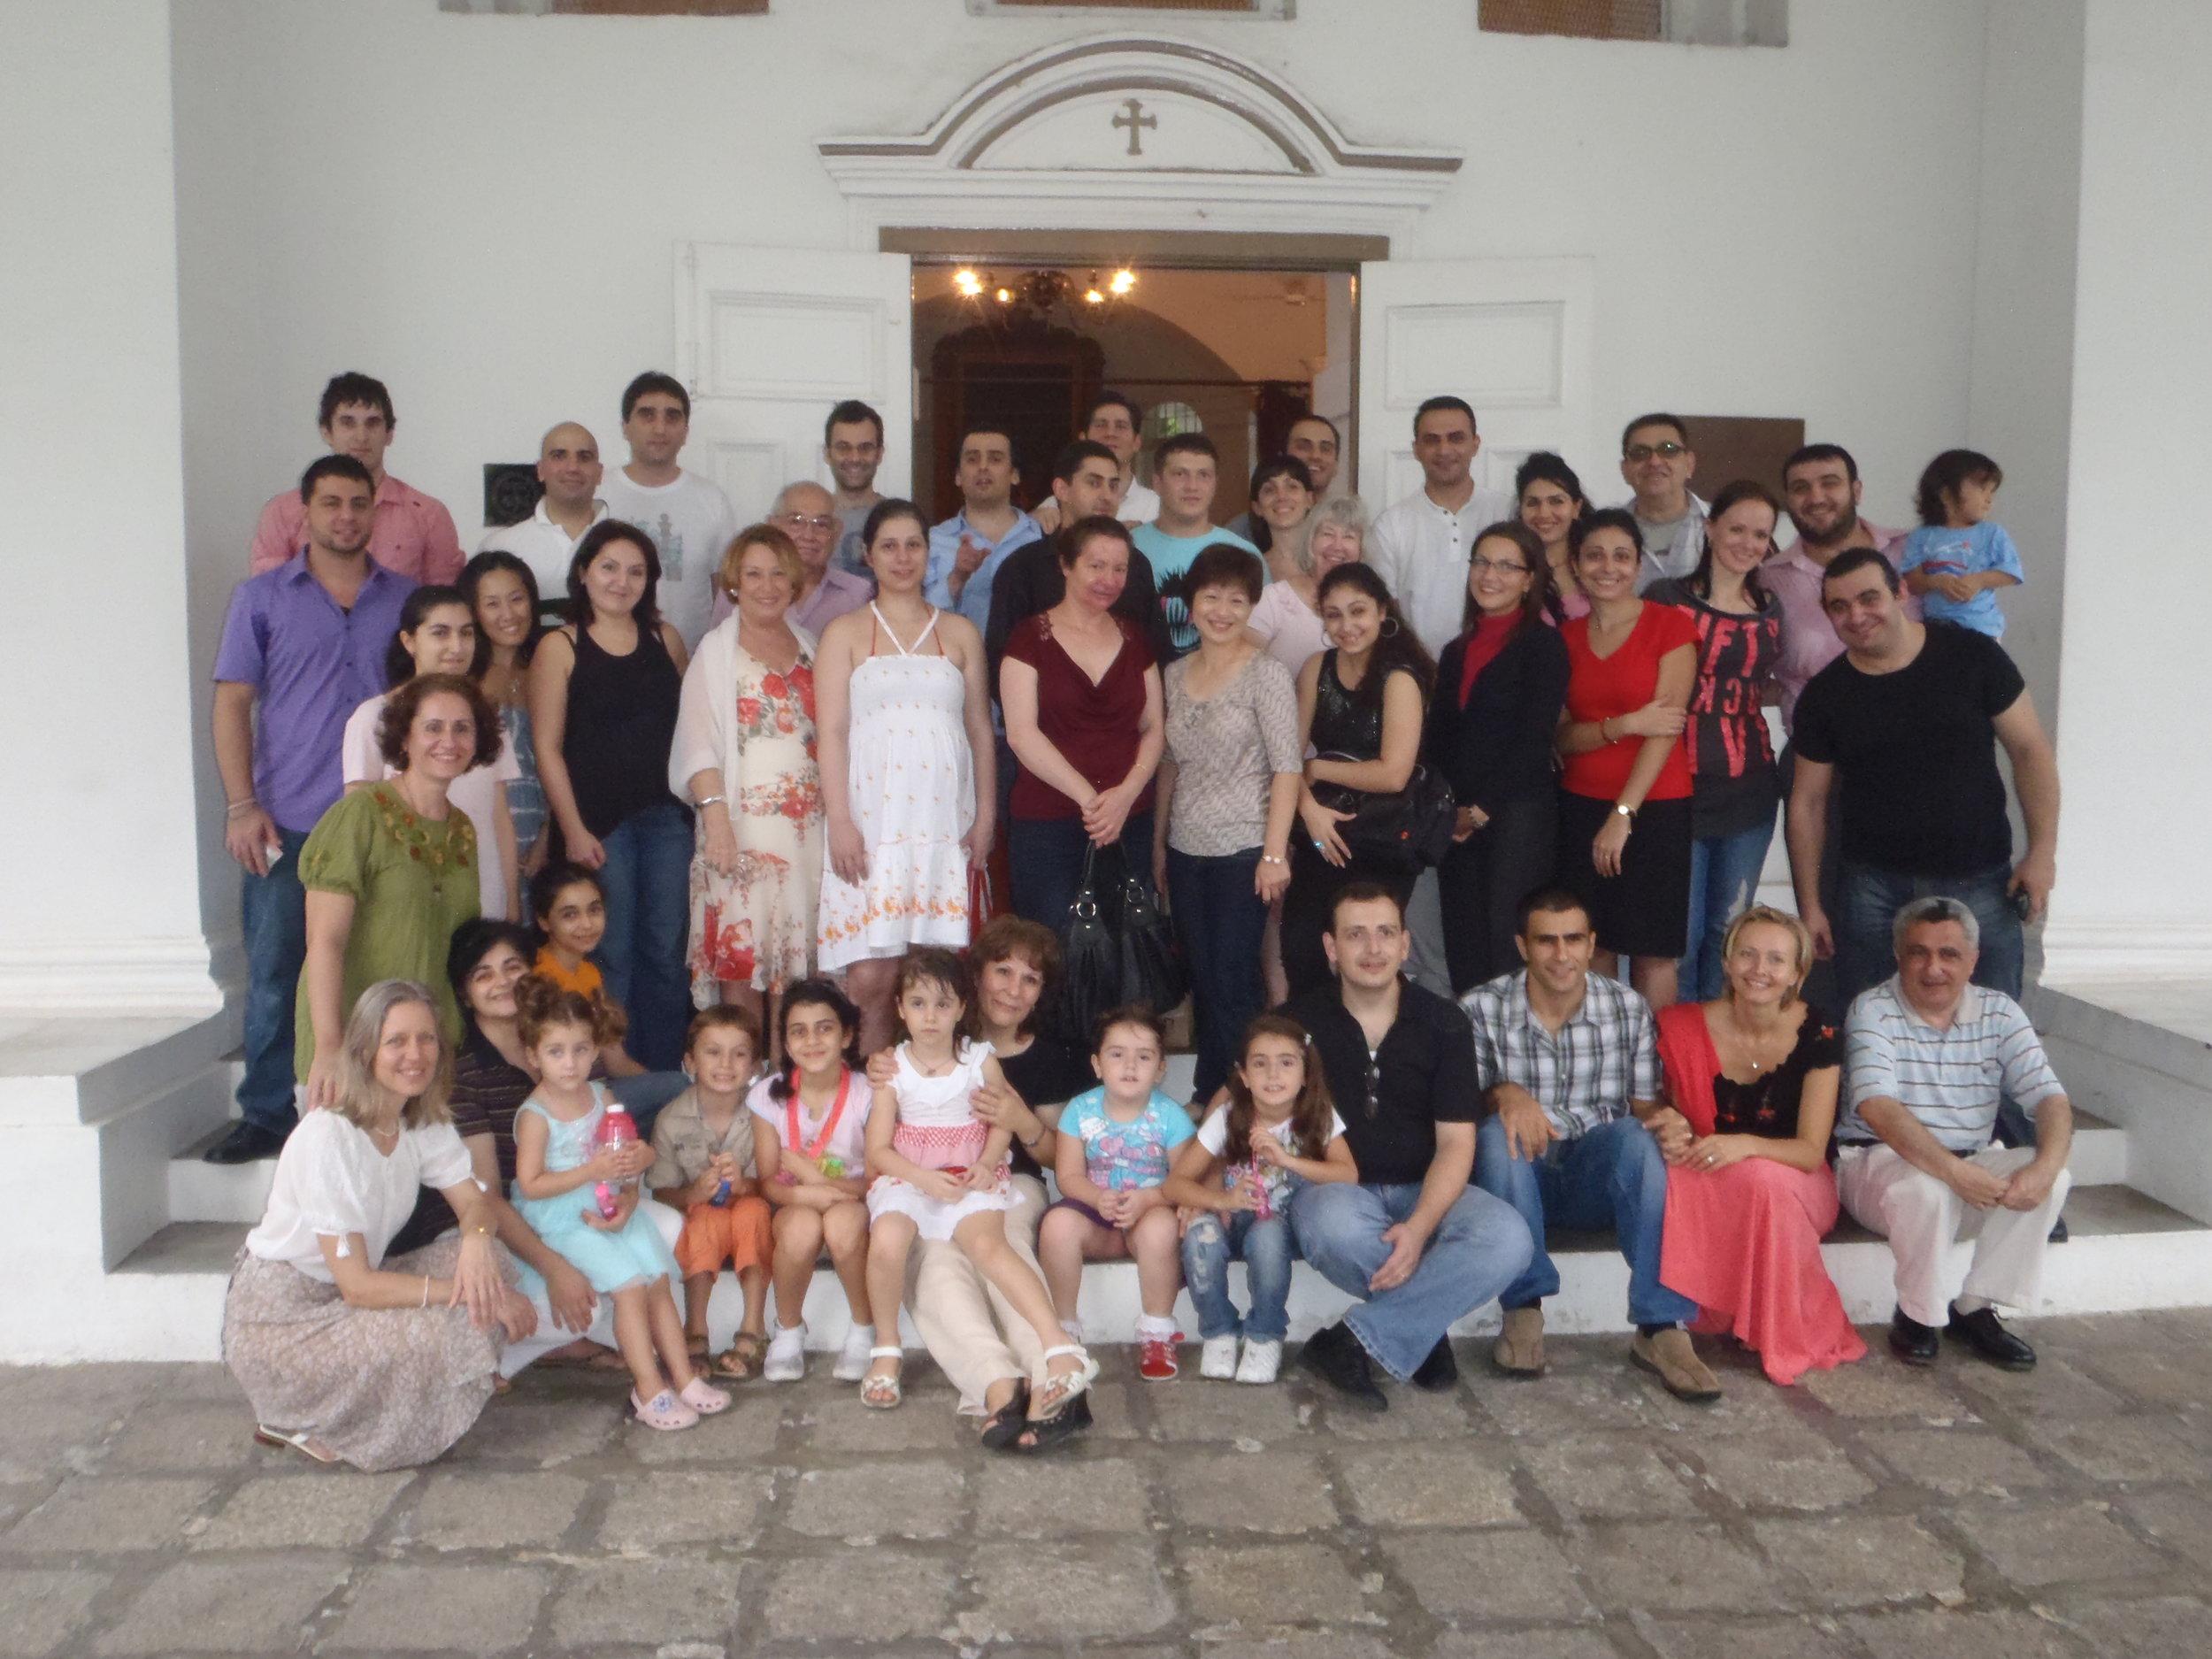 2010-04-03-armenian-community-easter-2010.jpg